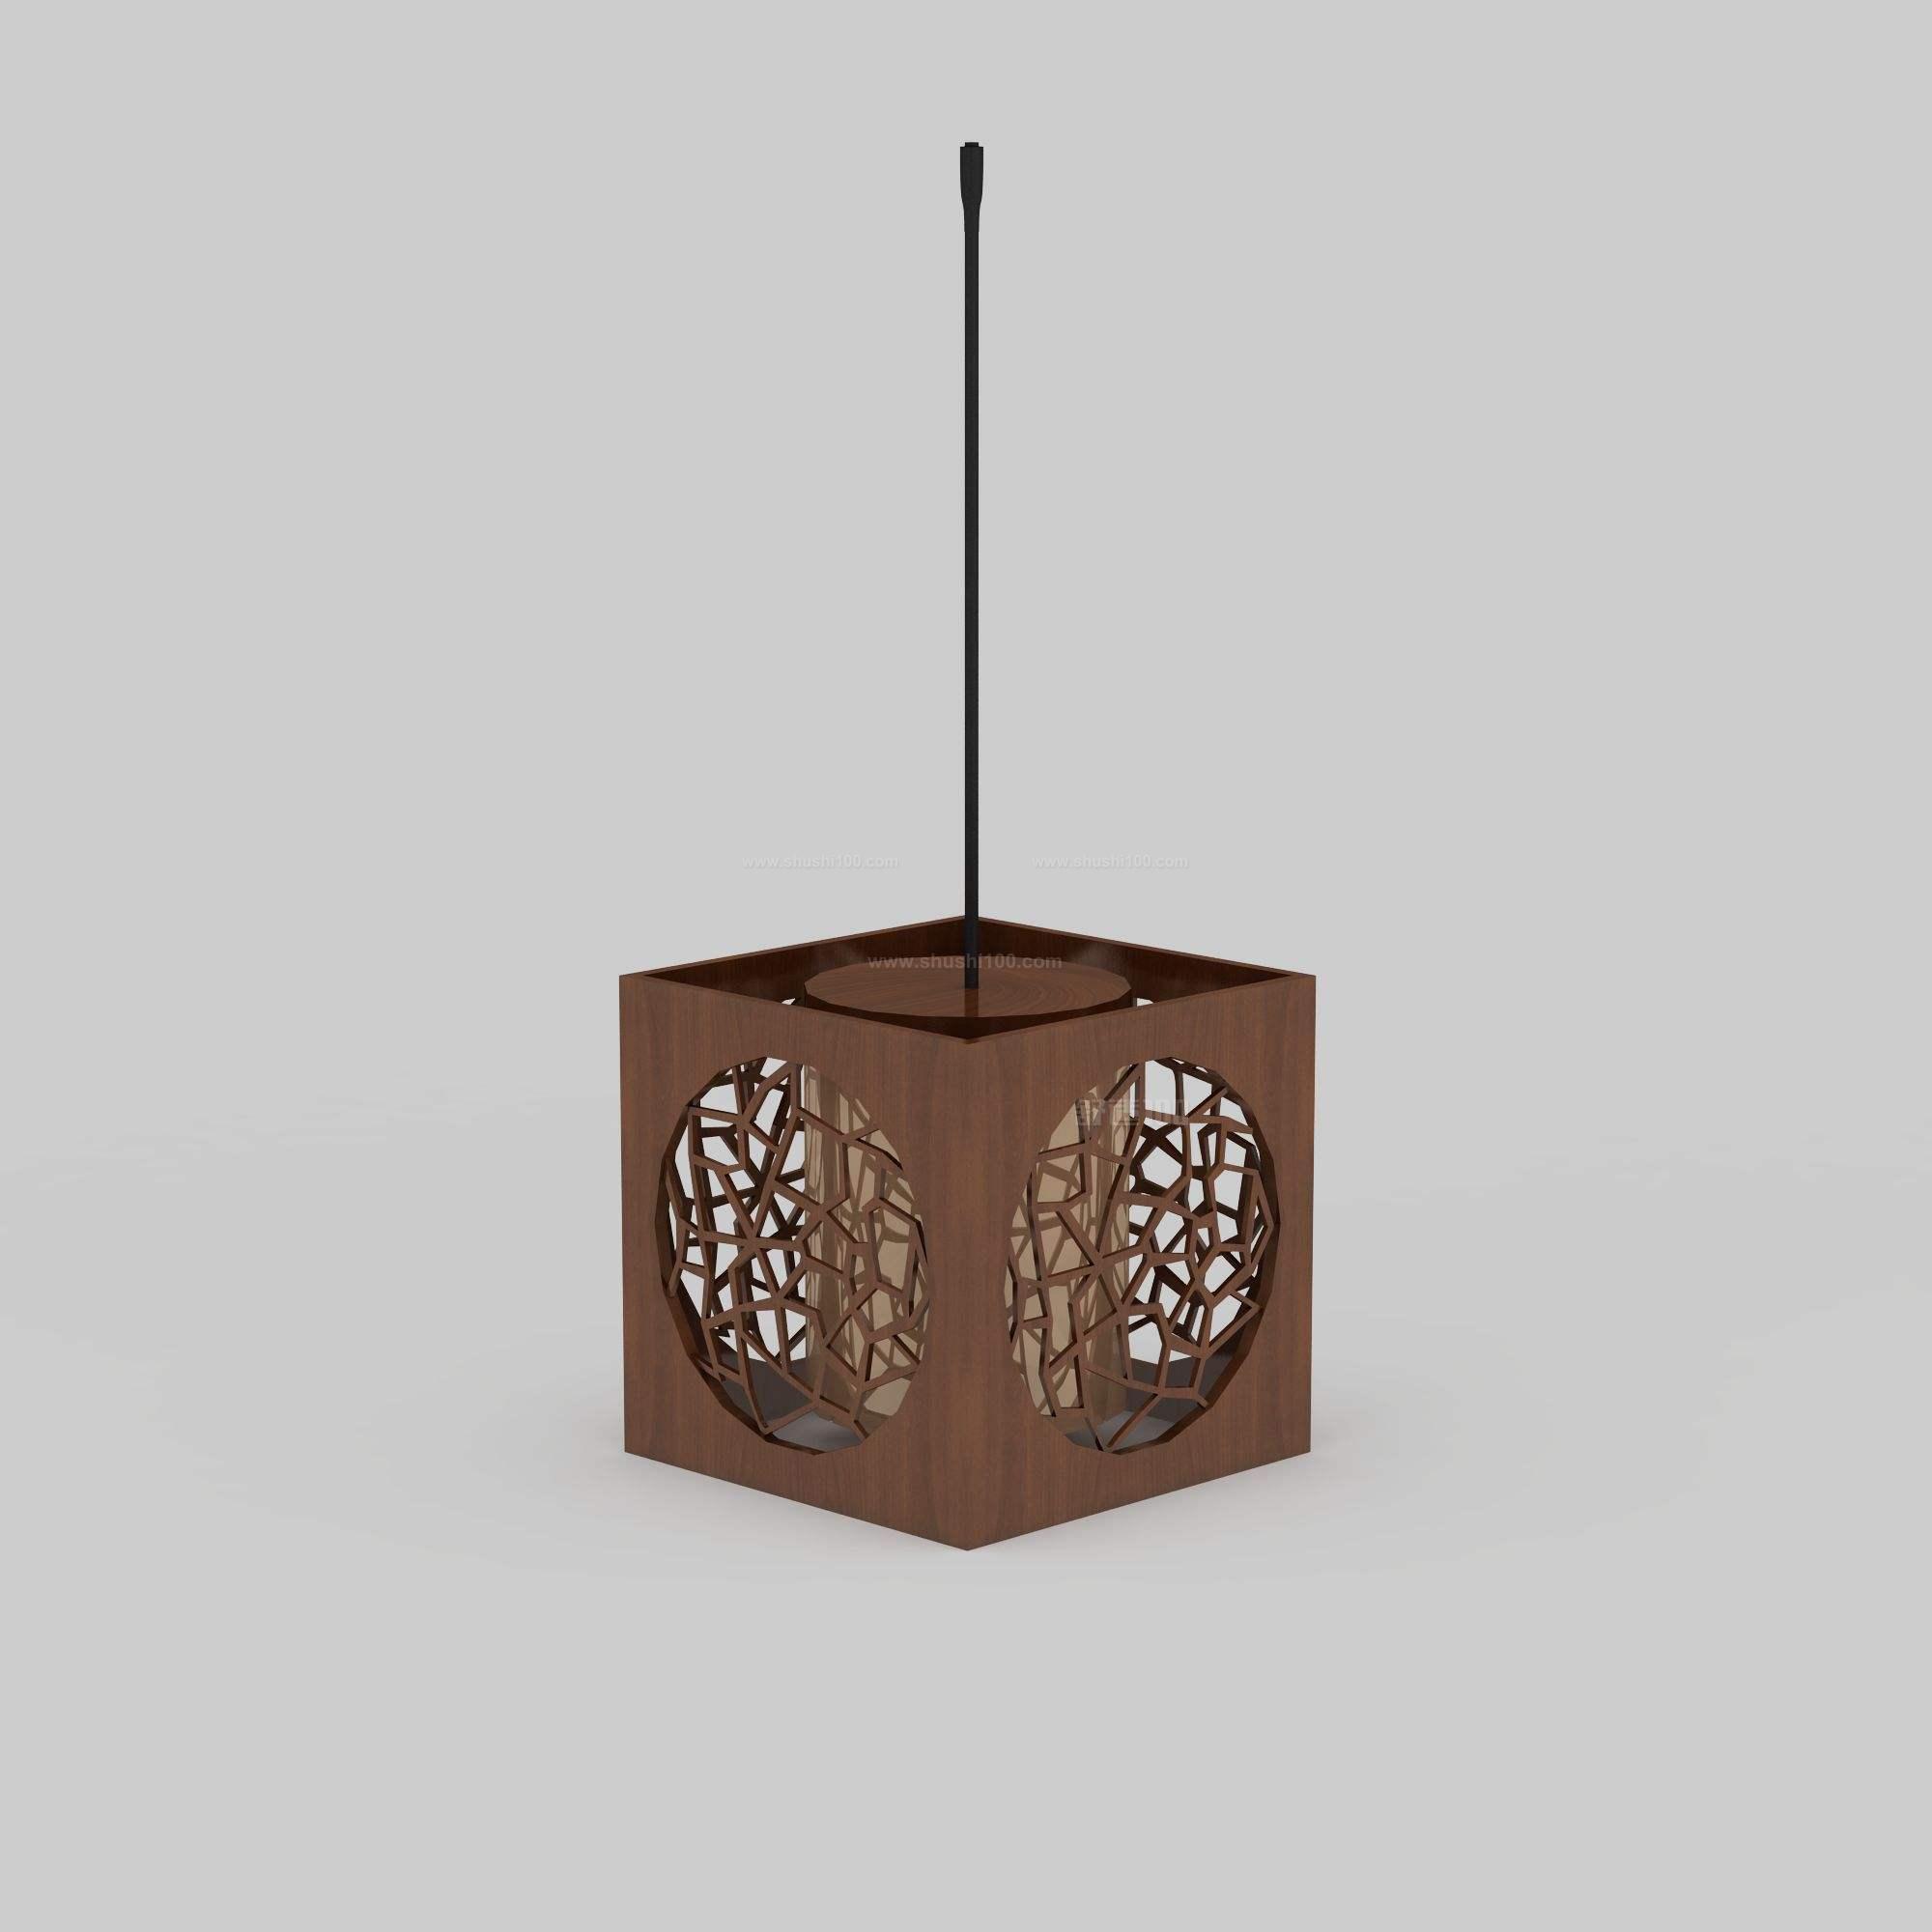 中式风格吊灯—中式风格吊灯的推荐品牌